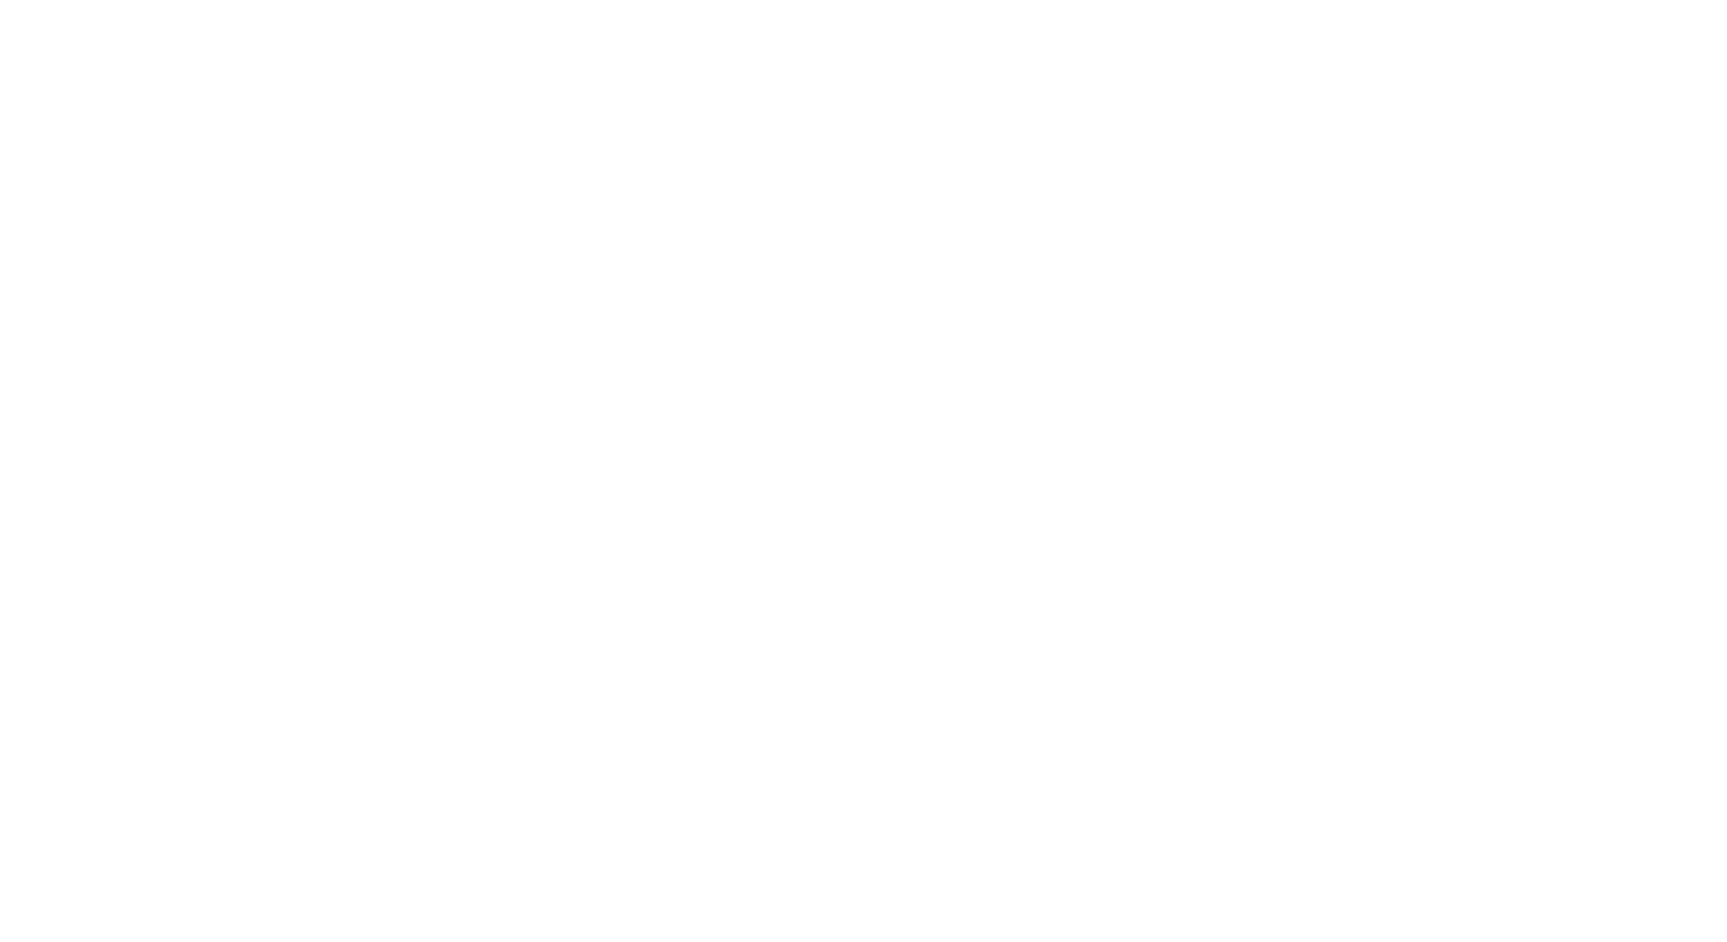 VWK Makelaar